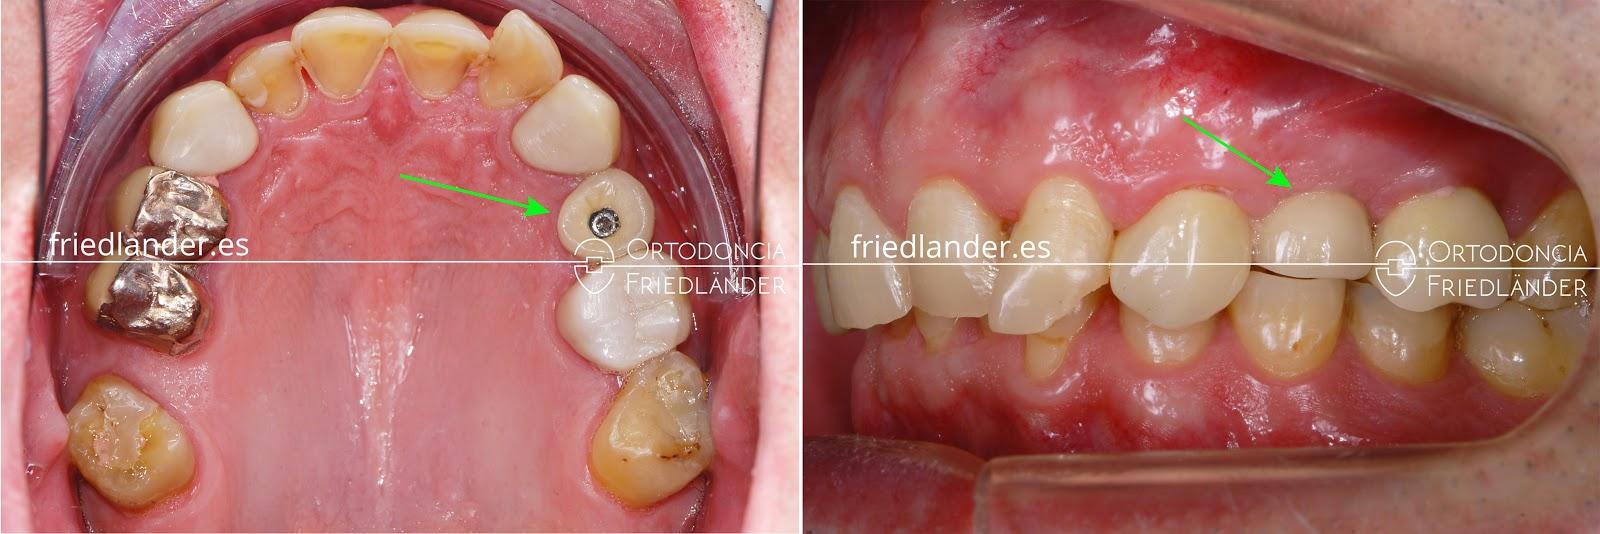 Me falta una muela - ¿se puede cerrar el espacio con ortodoncia? 2